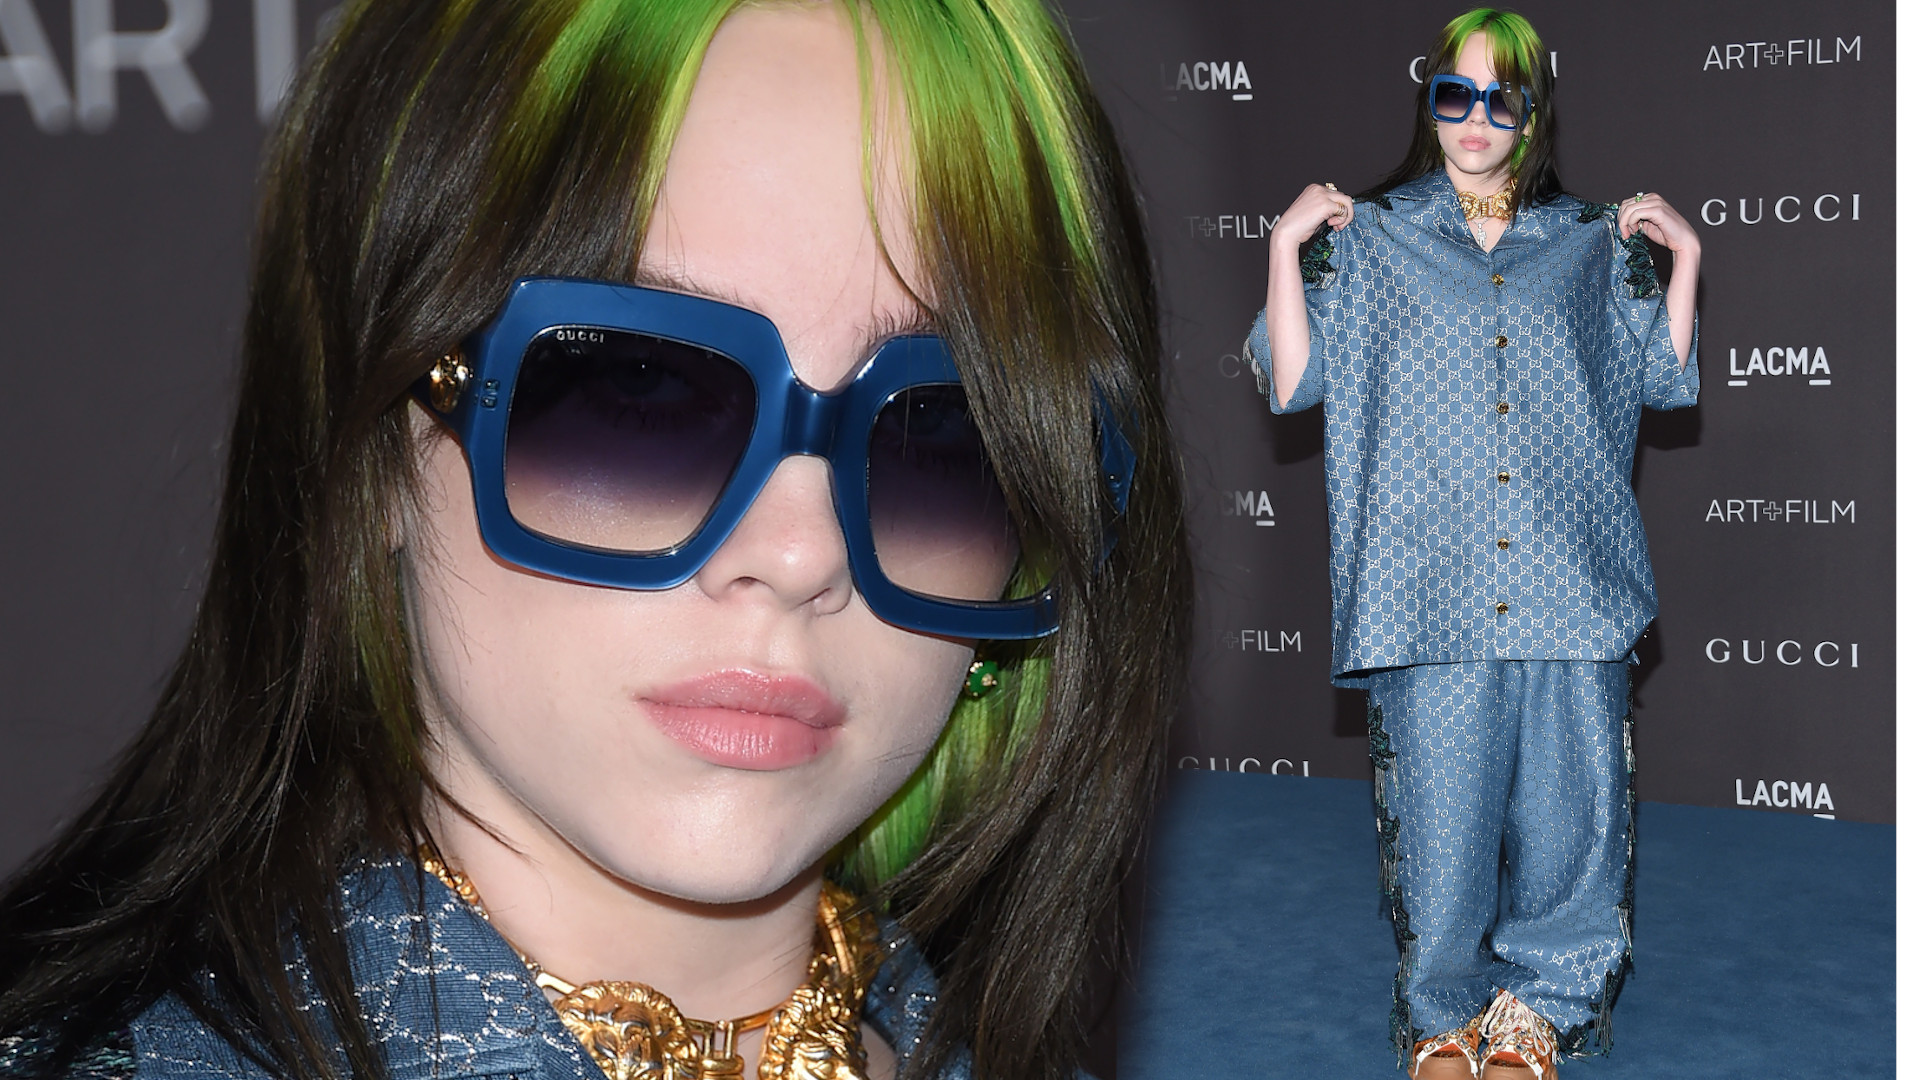 Dlaczego Billie Eilish nosi ZA DUŻE ubrania?